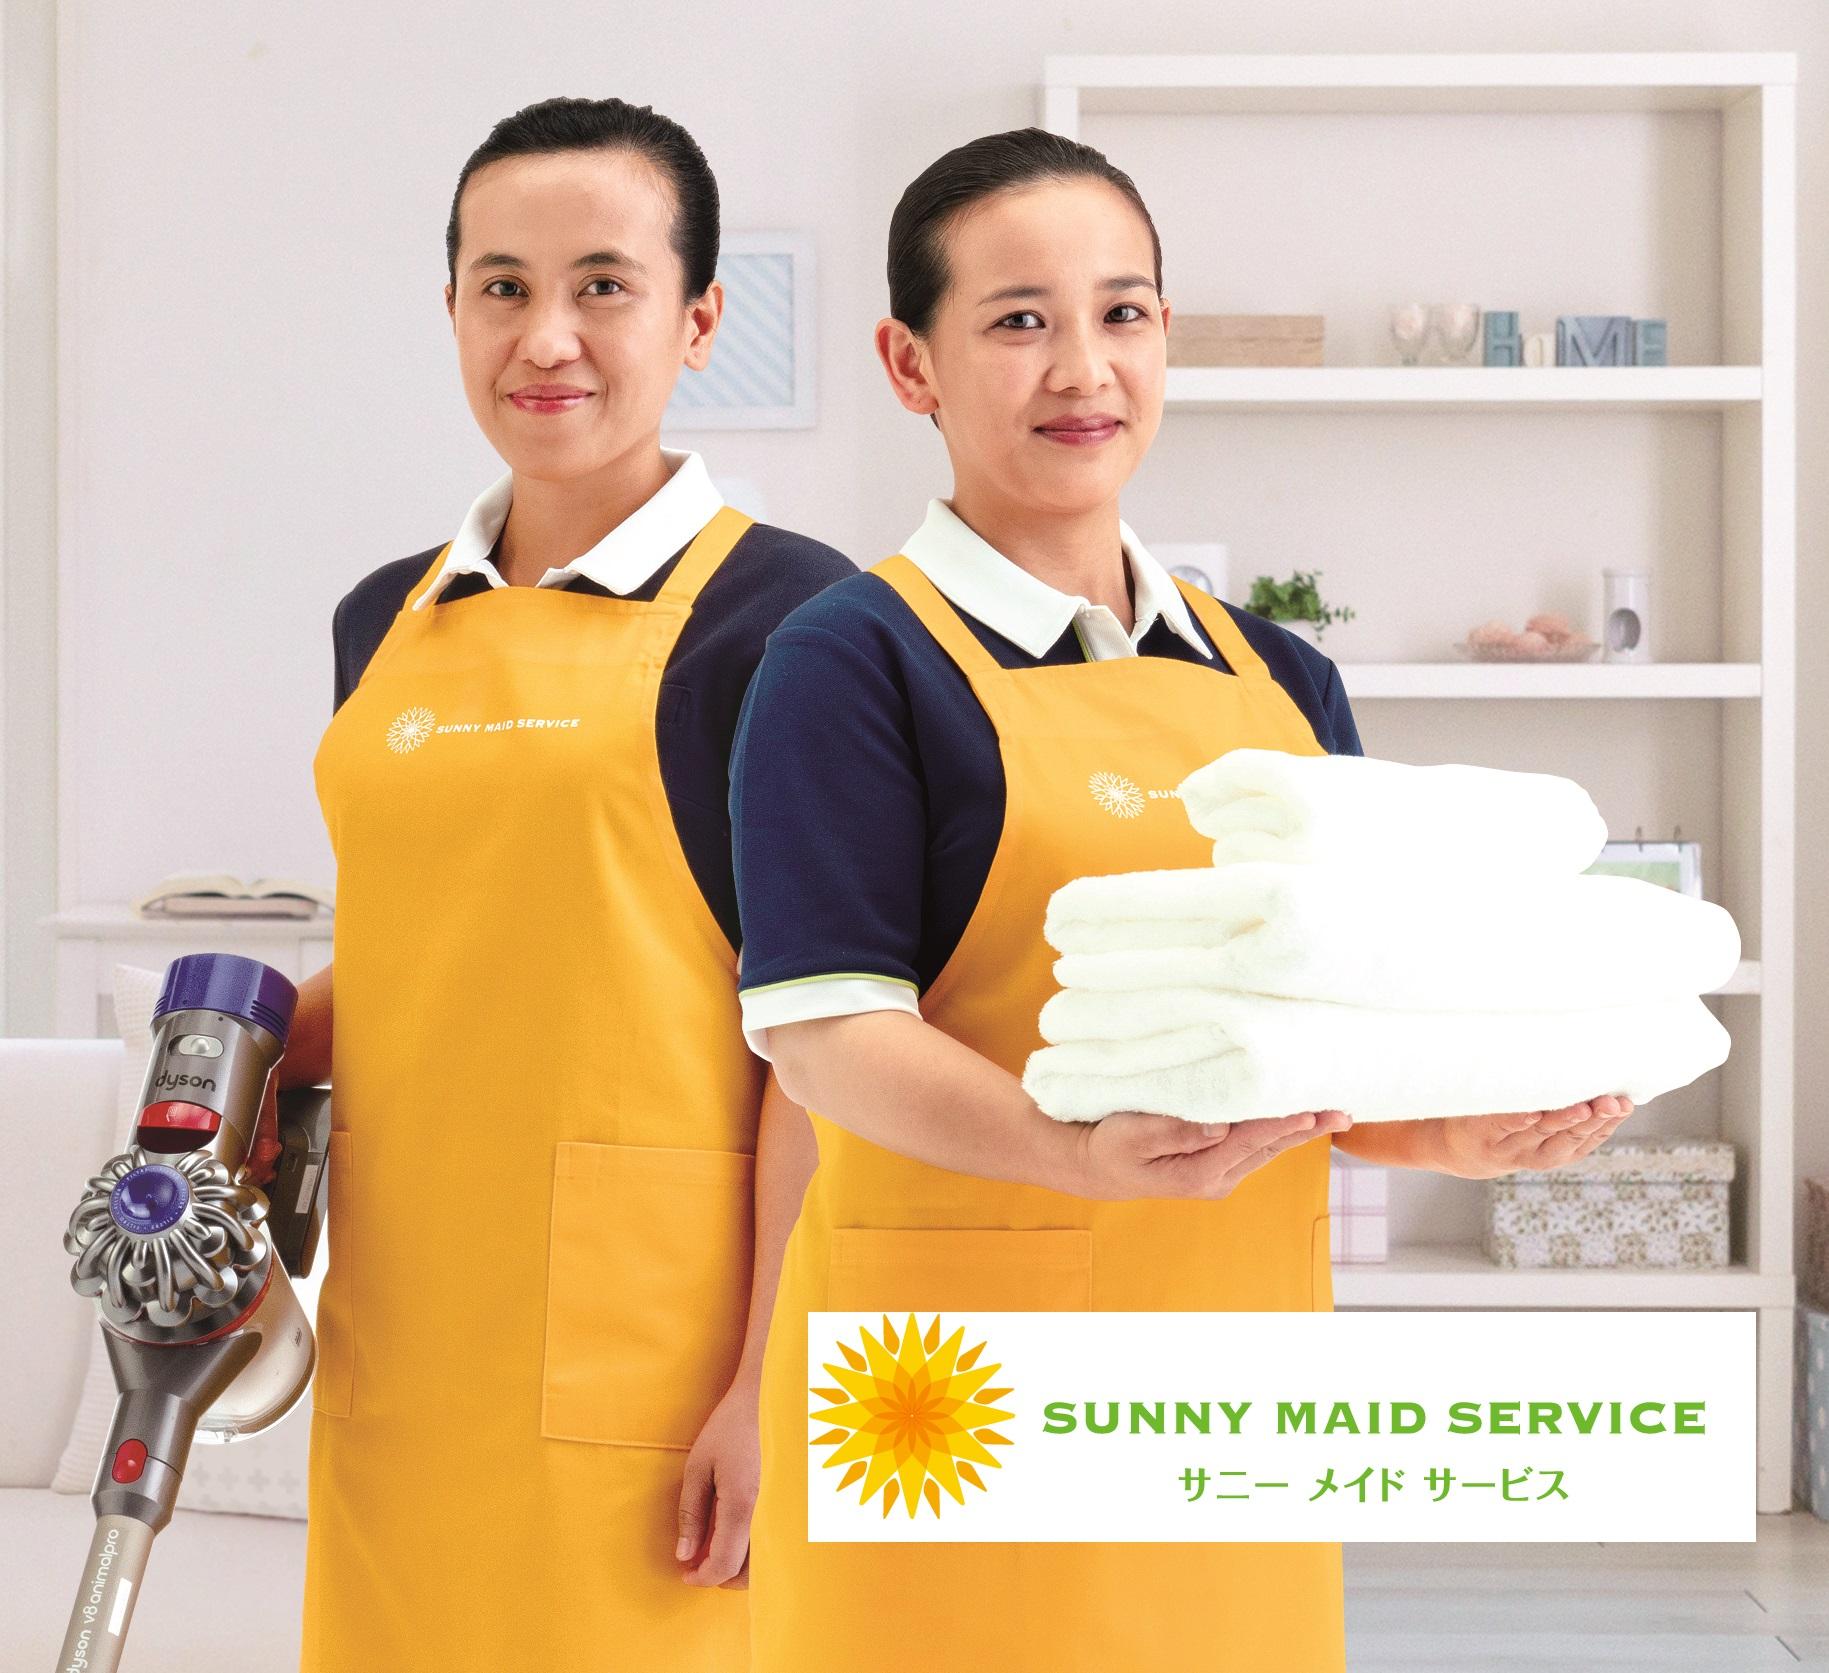 サニーメイドサービスで日常の家事をあなたに変わりお手伝い!